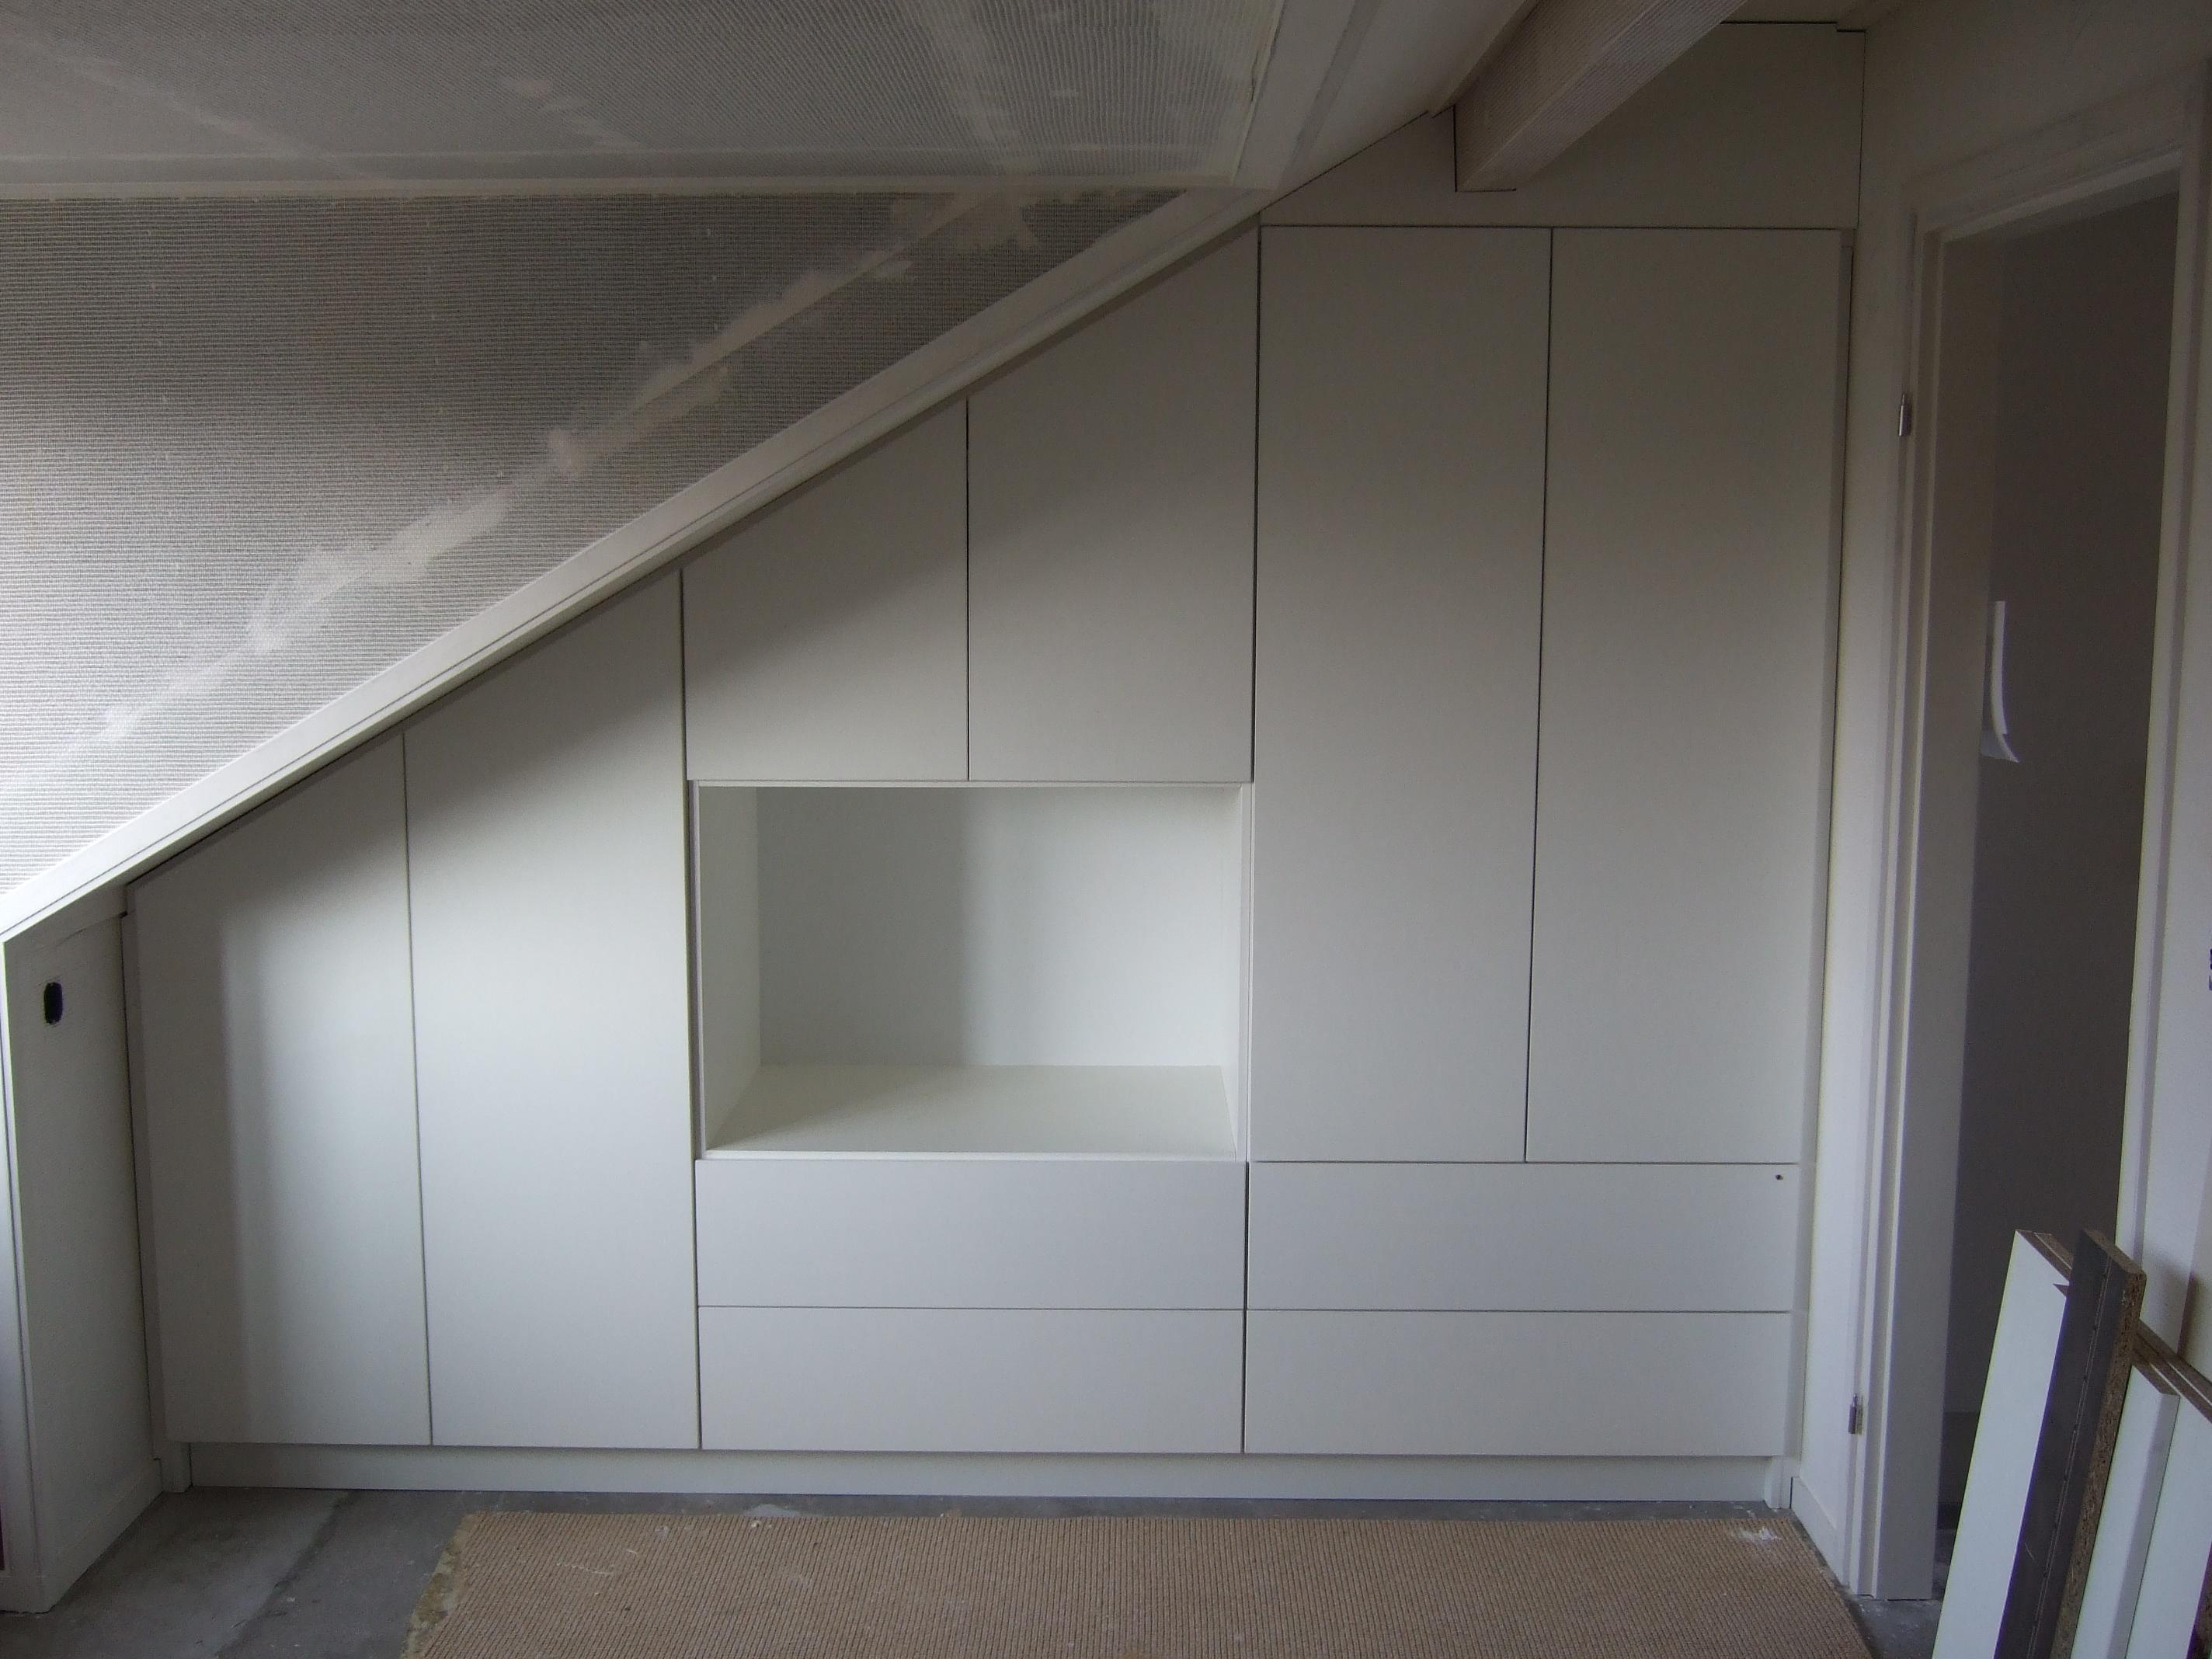 Inbouwkast op de zolder meubelmakerij mark for Maak een kledingkast